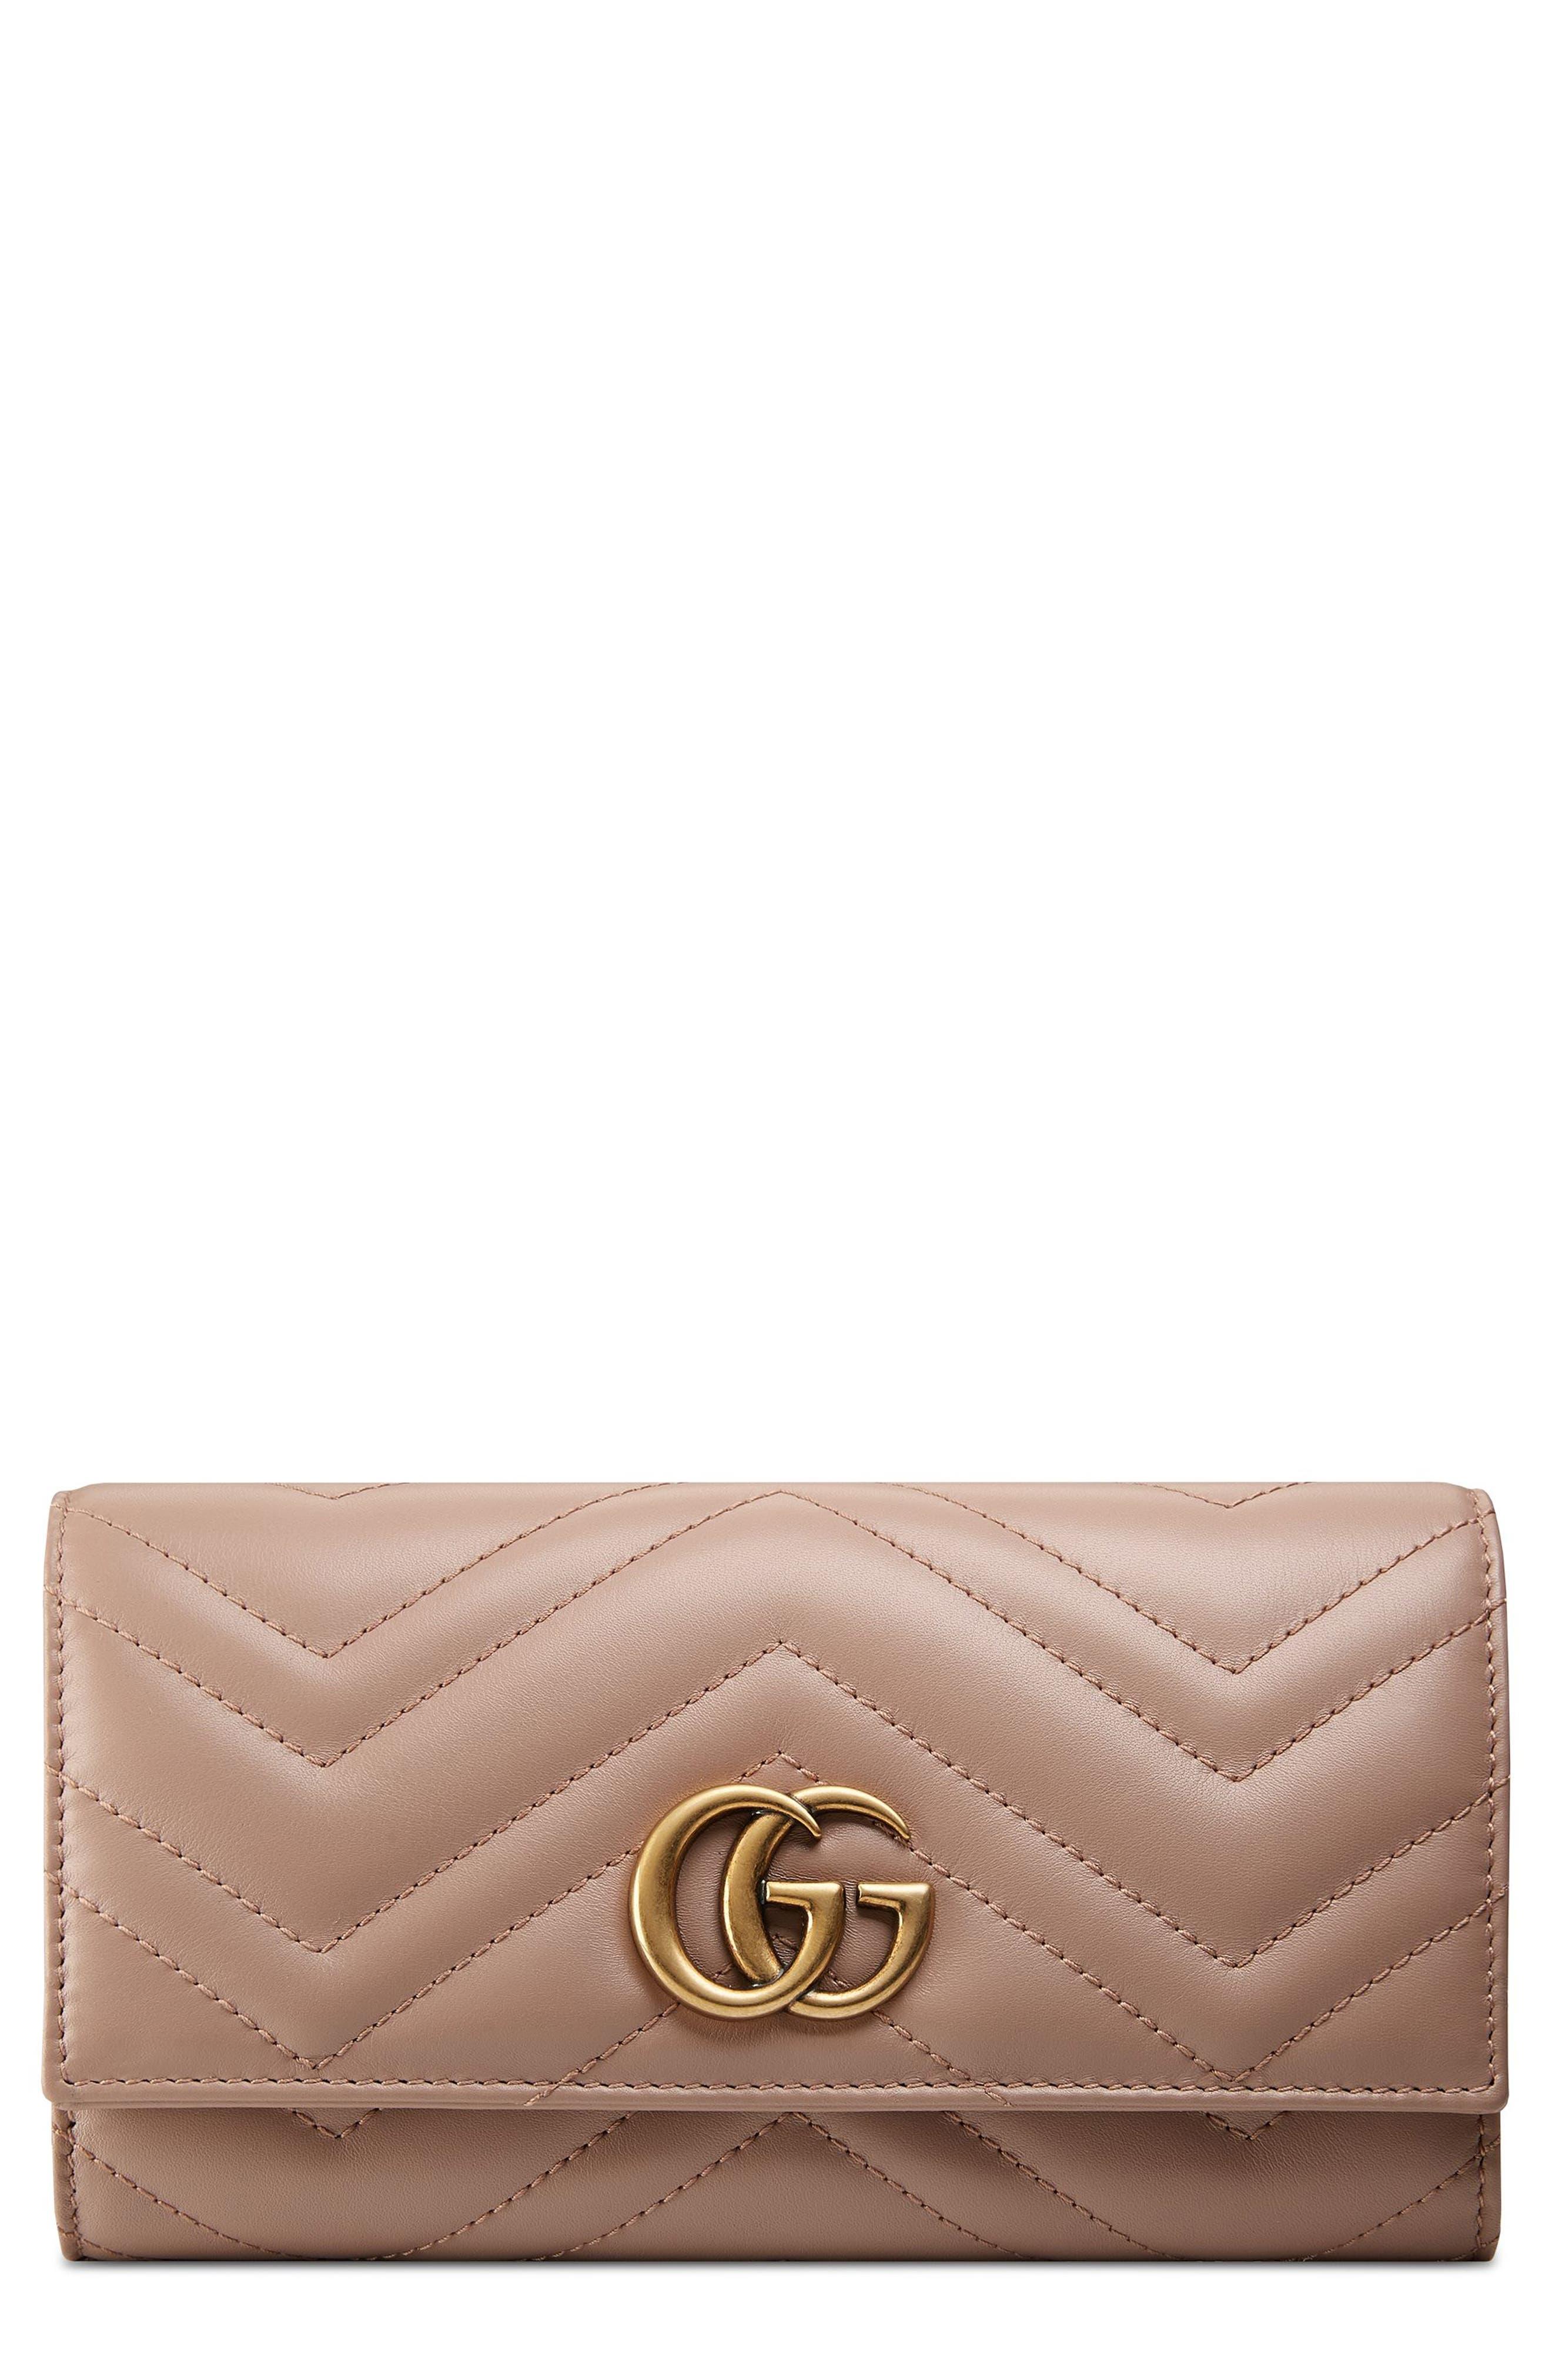 GUCCI GG Marmont Matelassé Leather Continental Wallet, Main, color, PORCELAIN ROSE